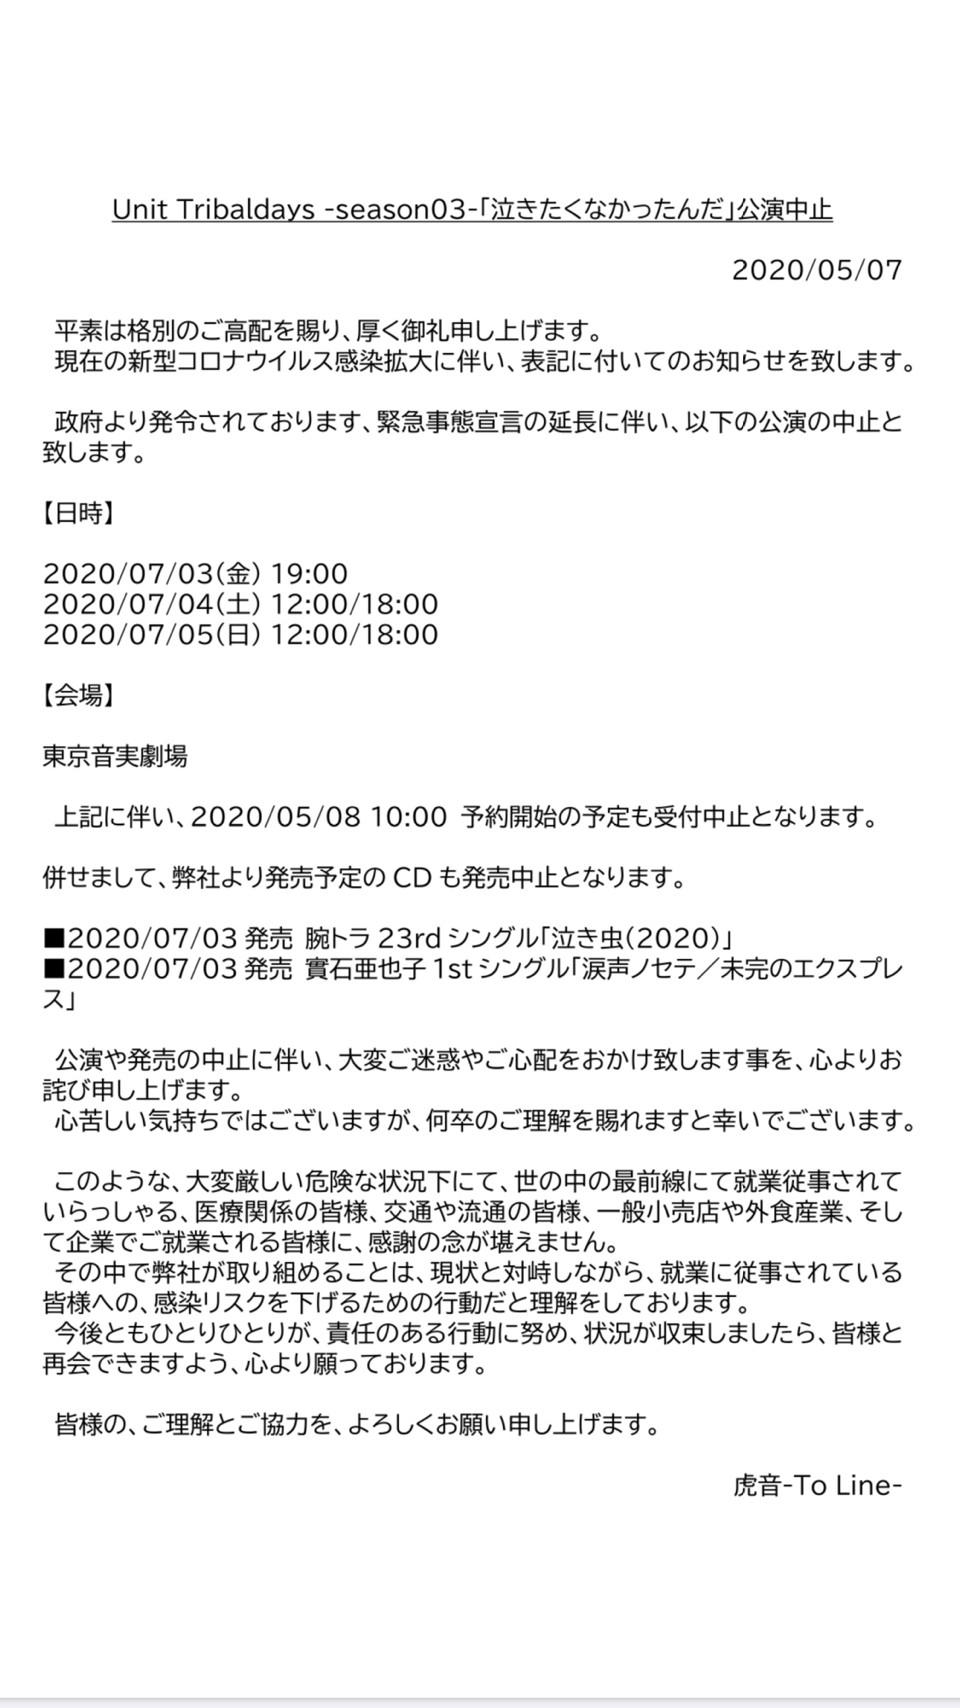 公演中止ドキュメント_200507_0002.jpg